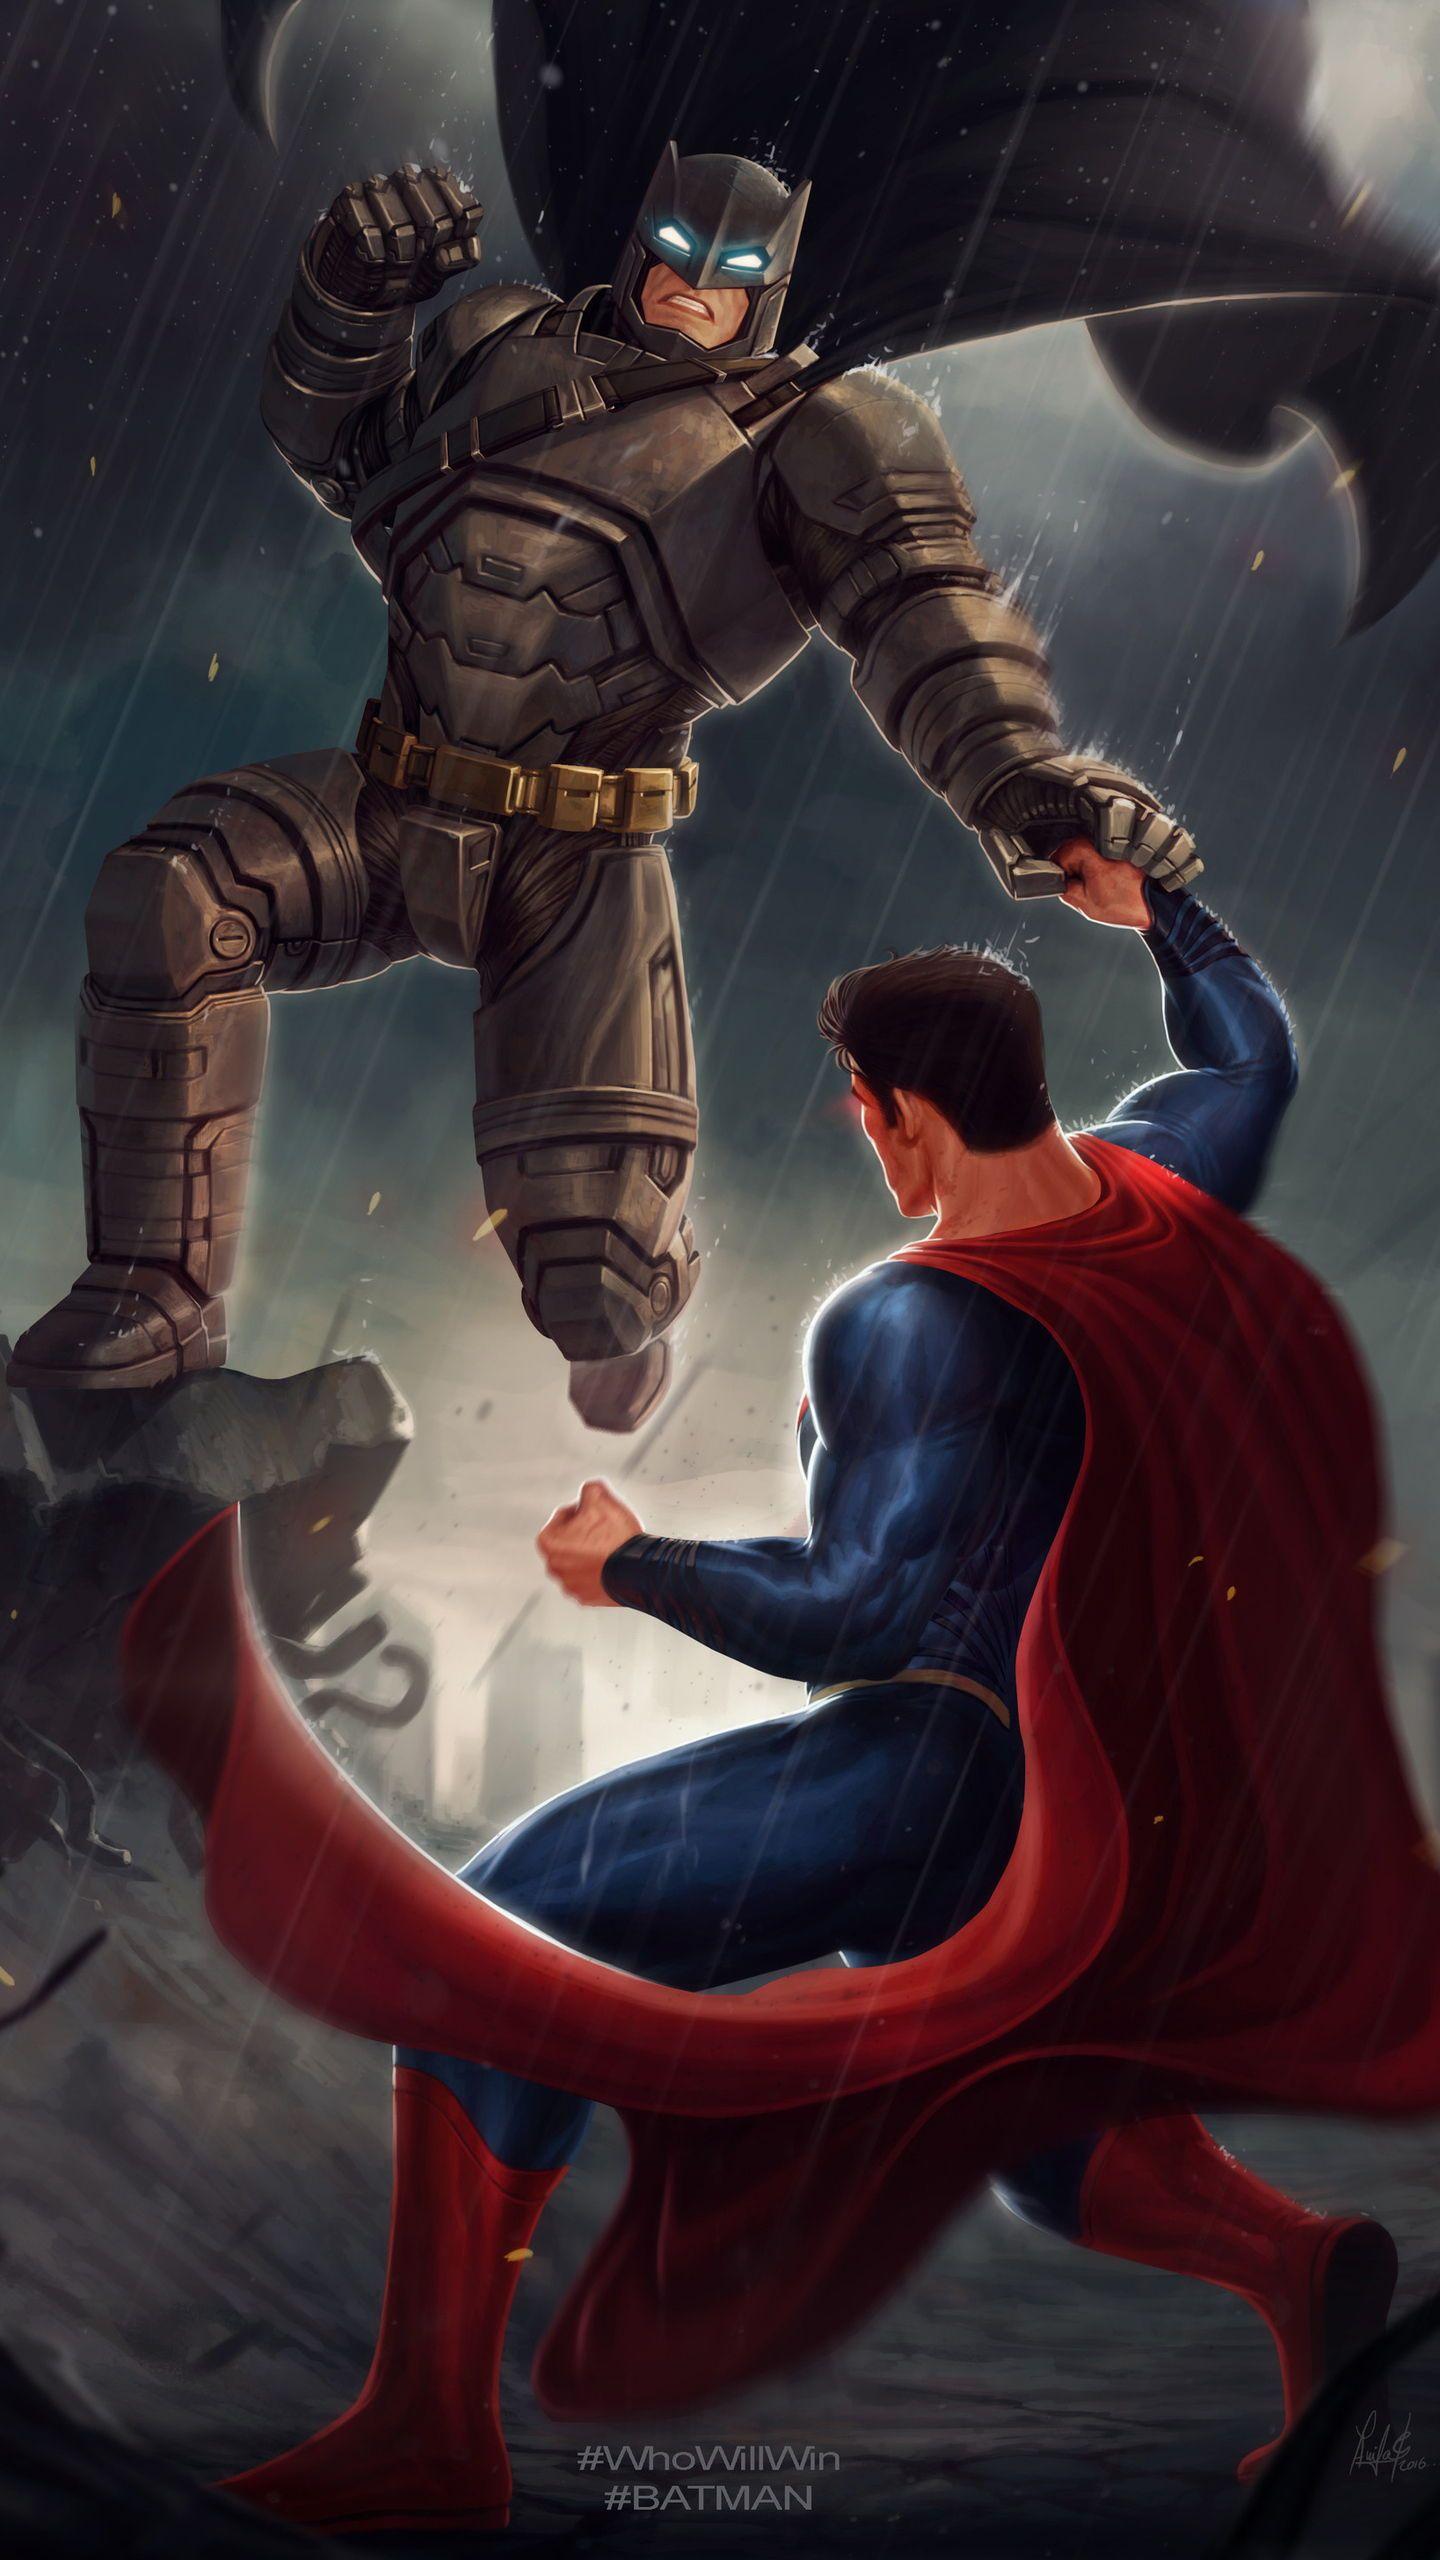 Download hd movie wallpapers batman vs superman batman